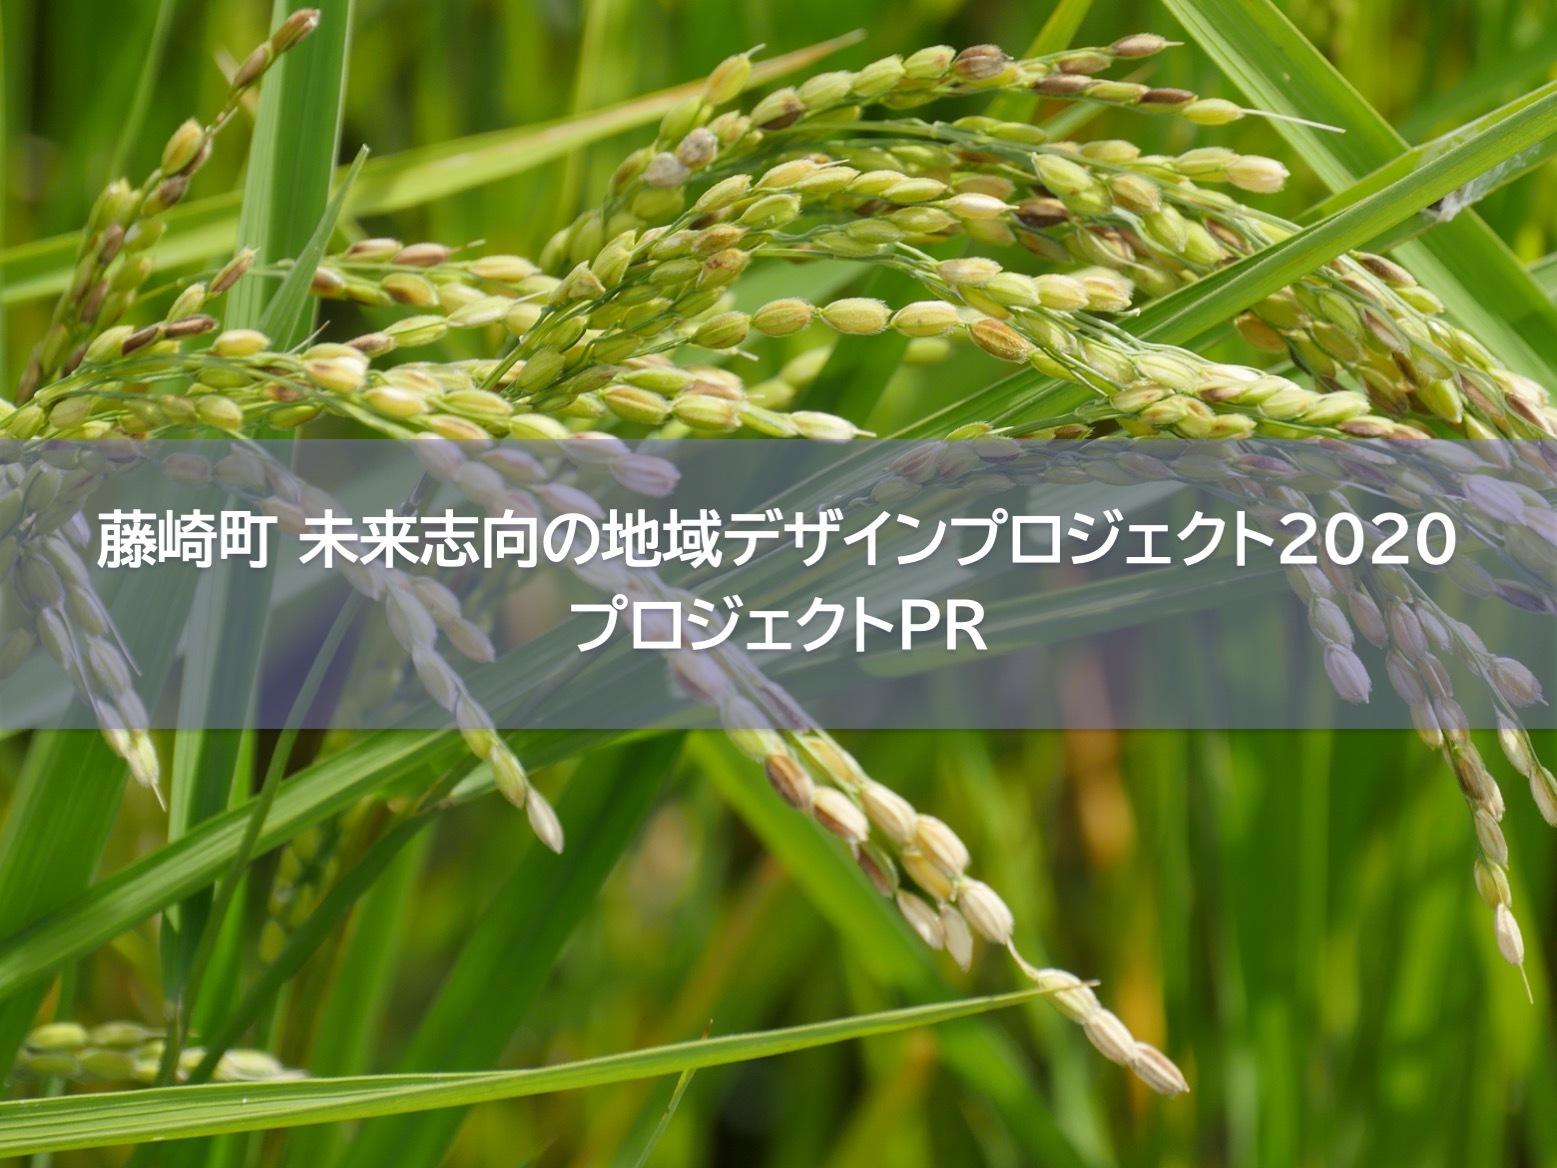 【藤崎町 未来志向の地域デザインプロジェクト 2020】プロジェクトPR クラウドファンディング